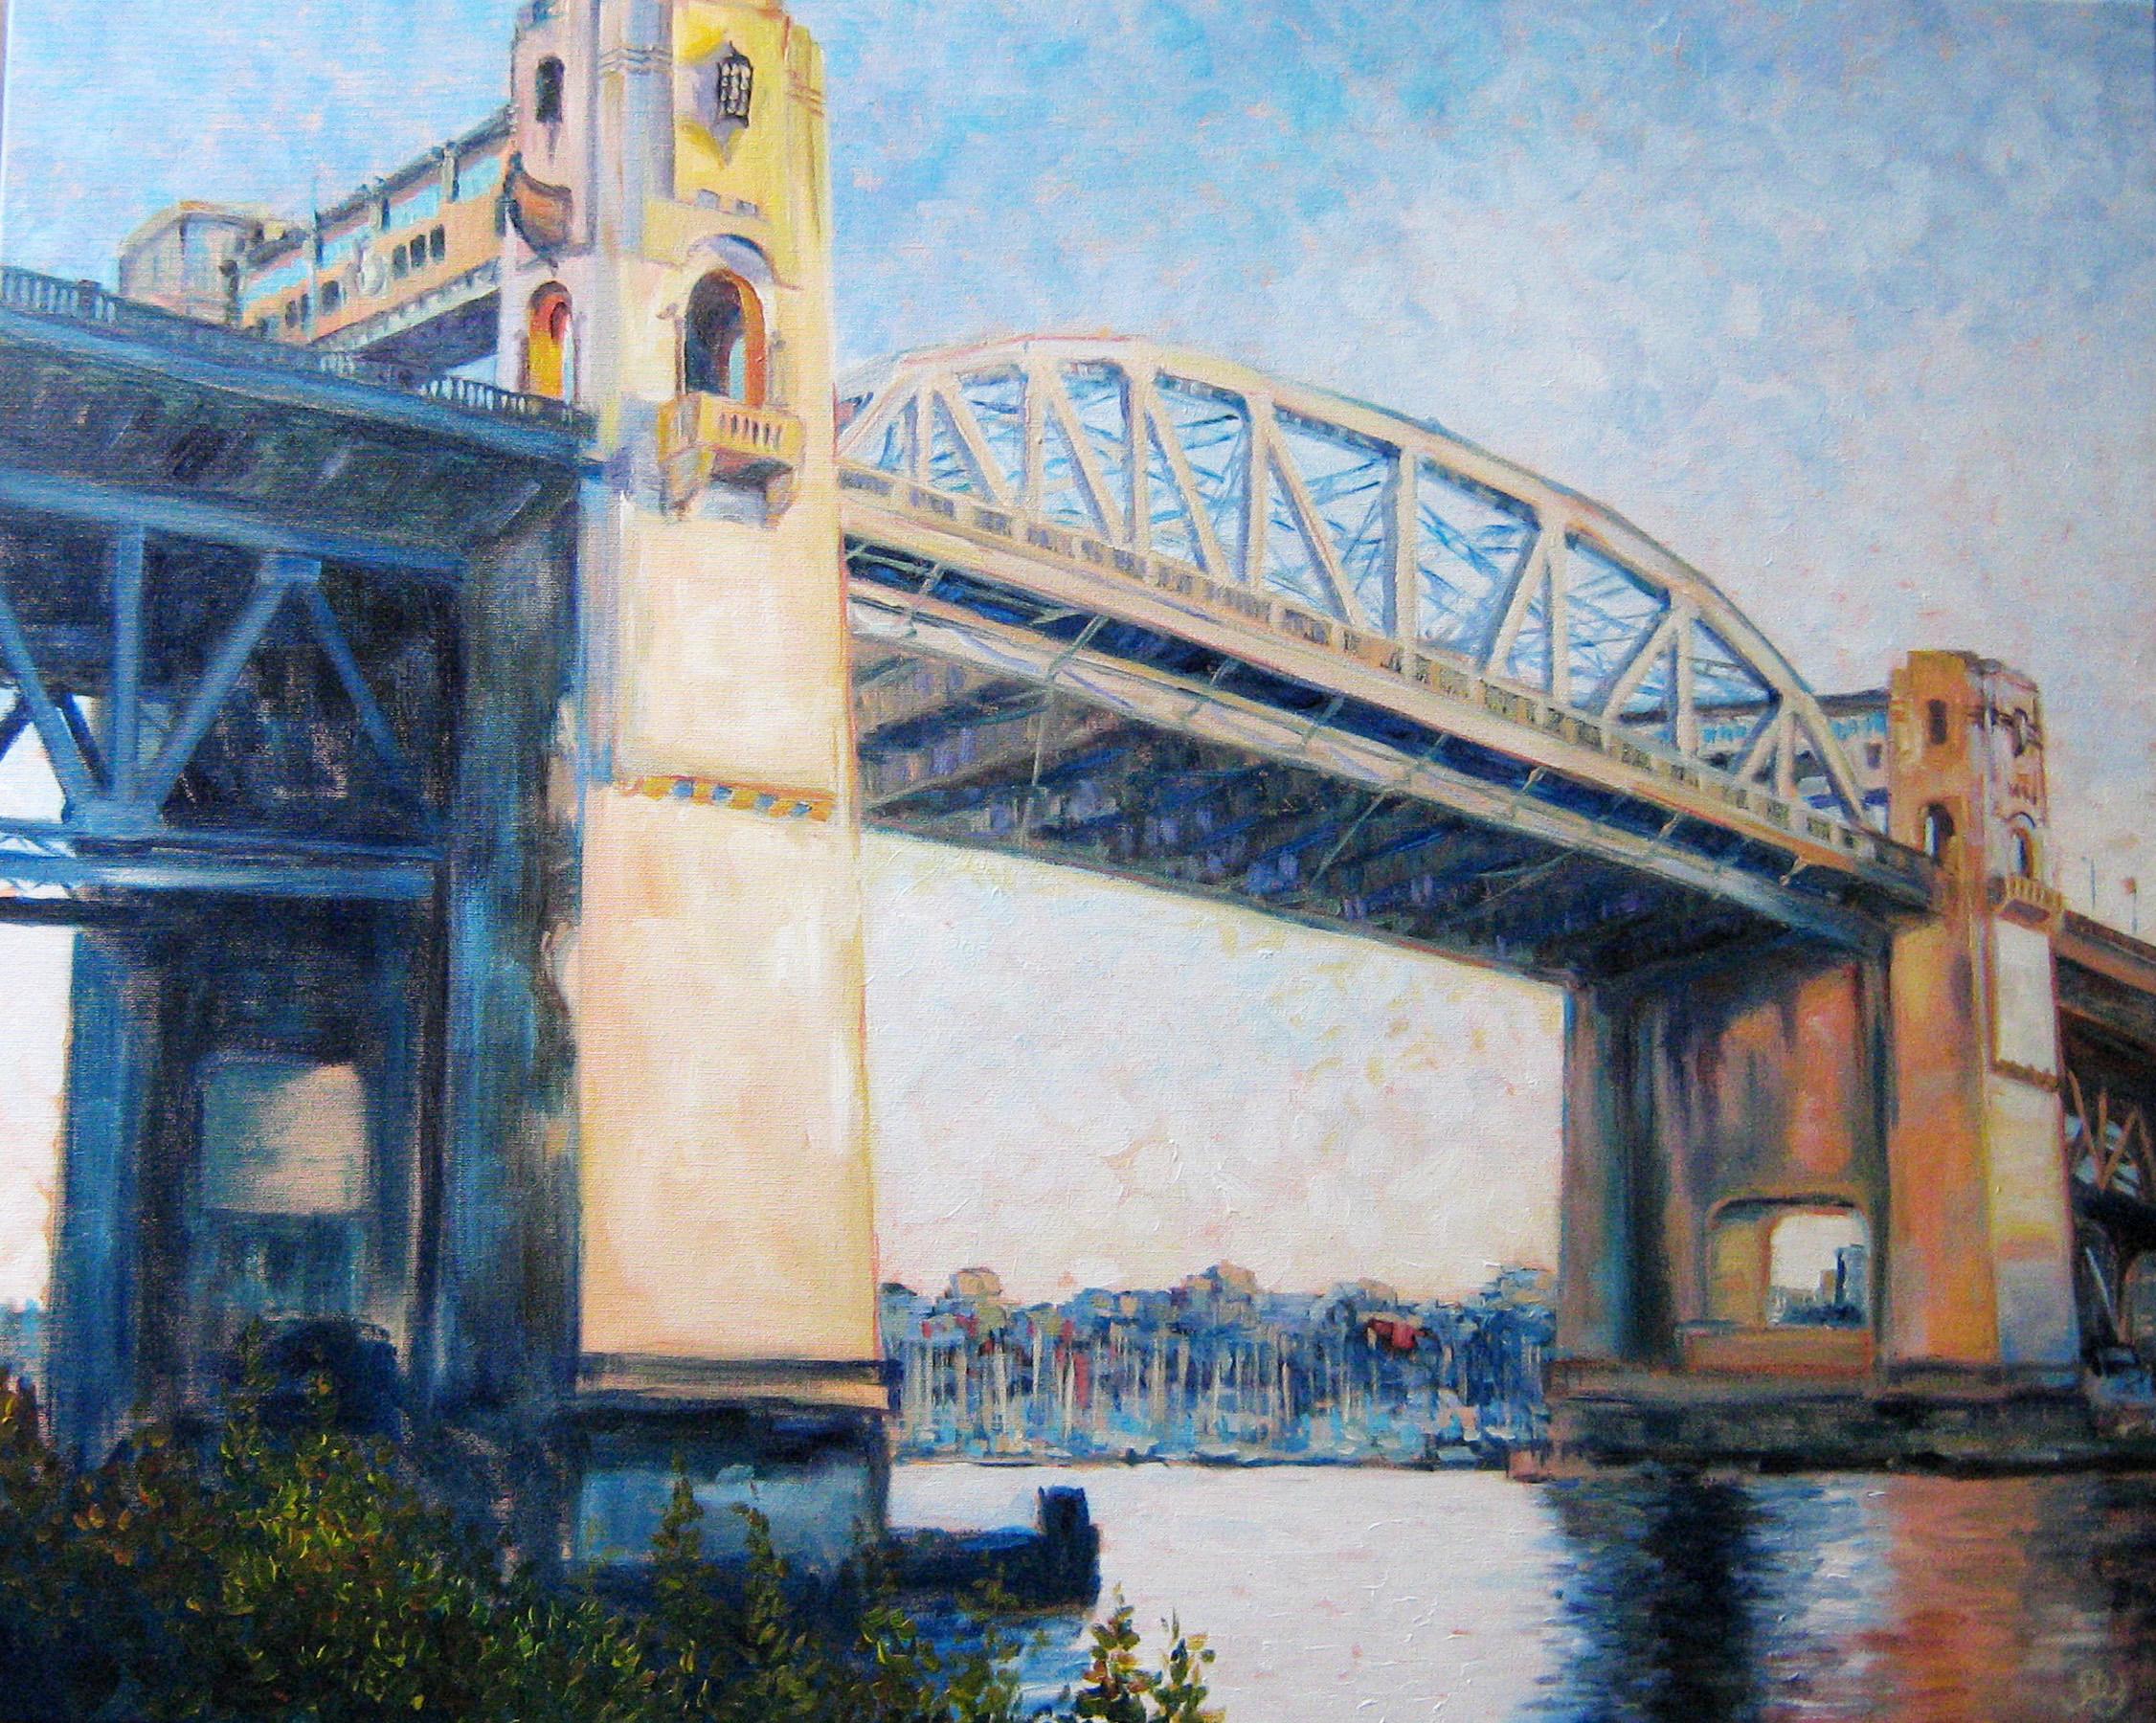 Burrard Bridge (Gateway)